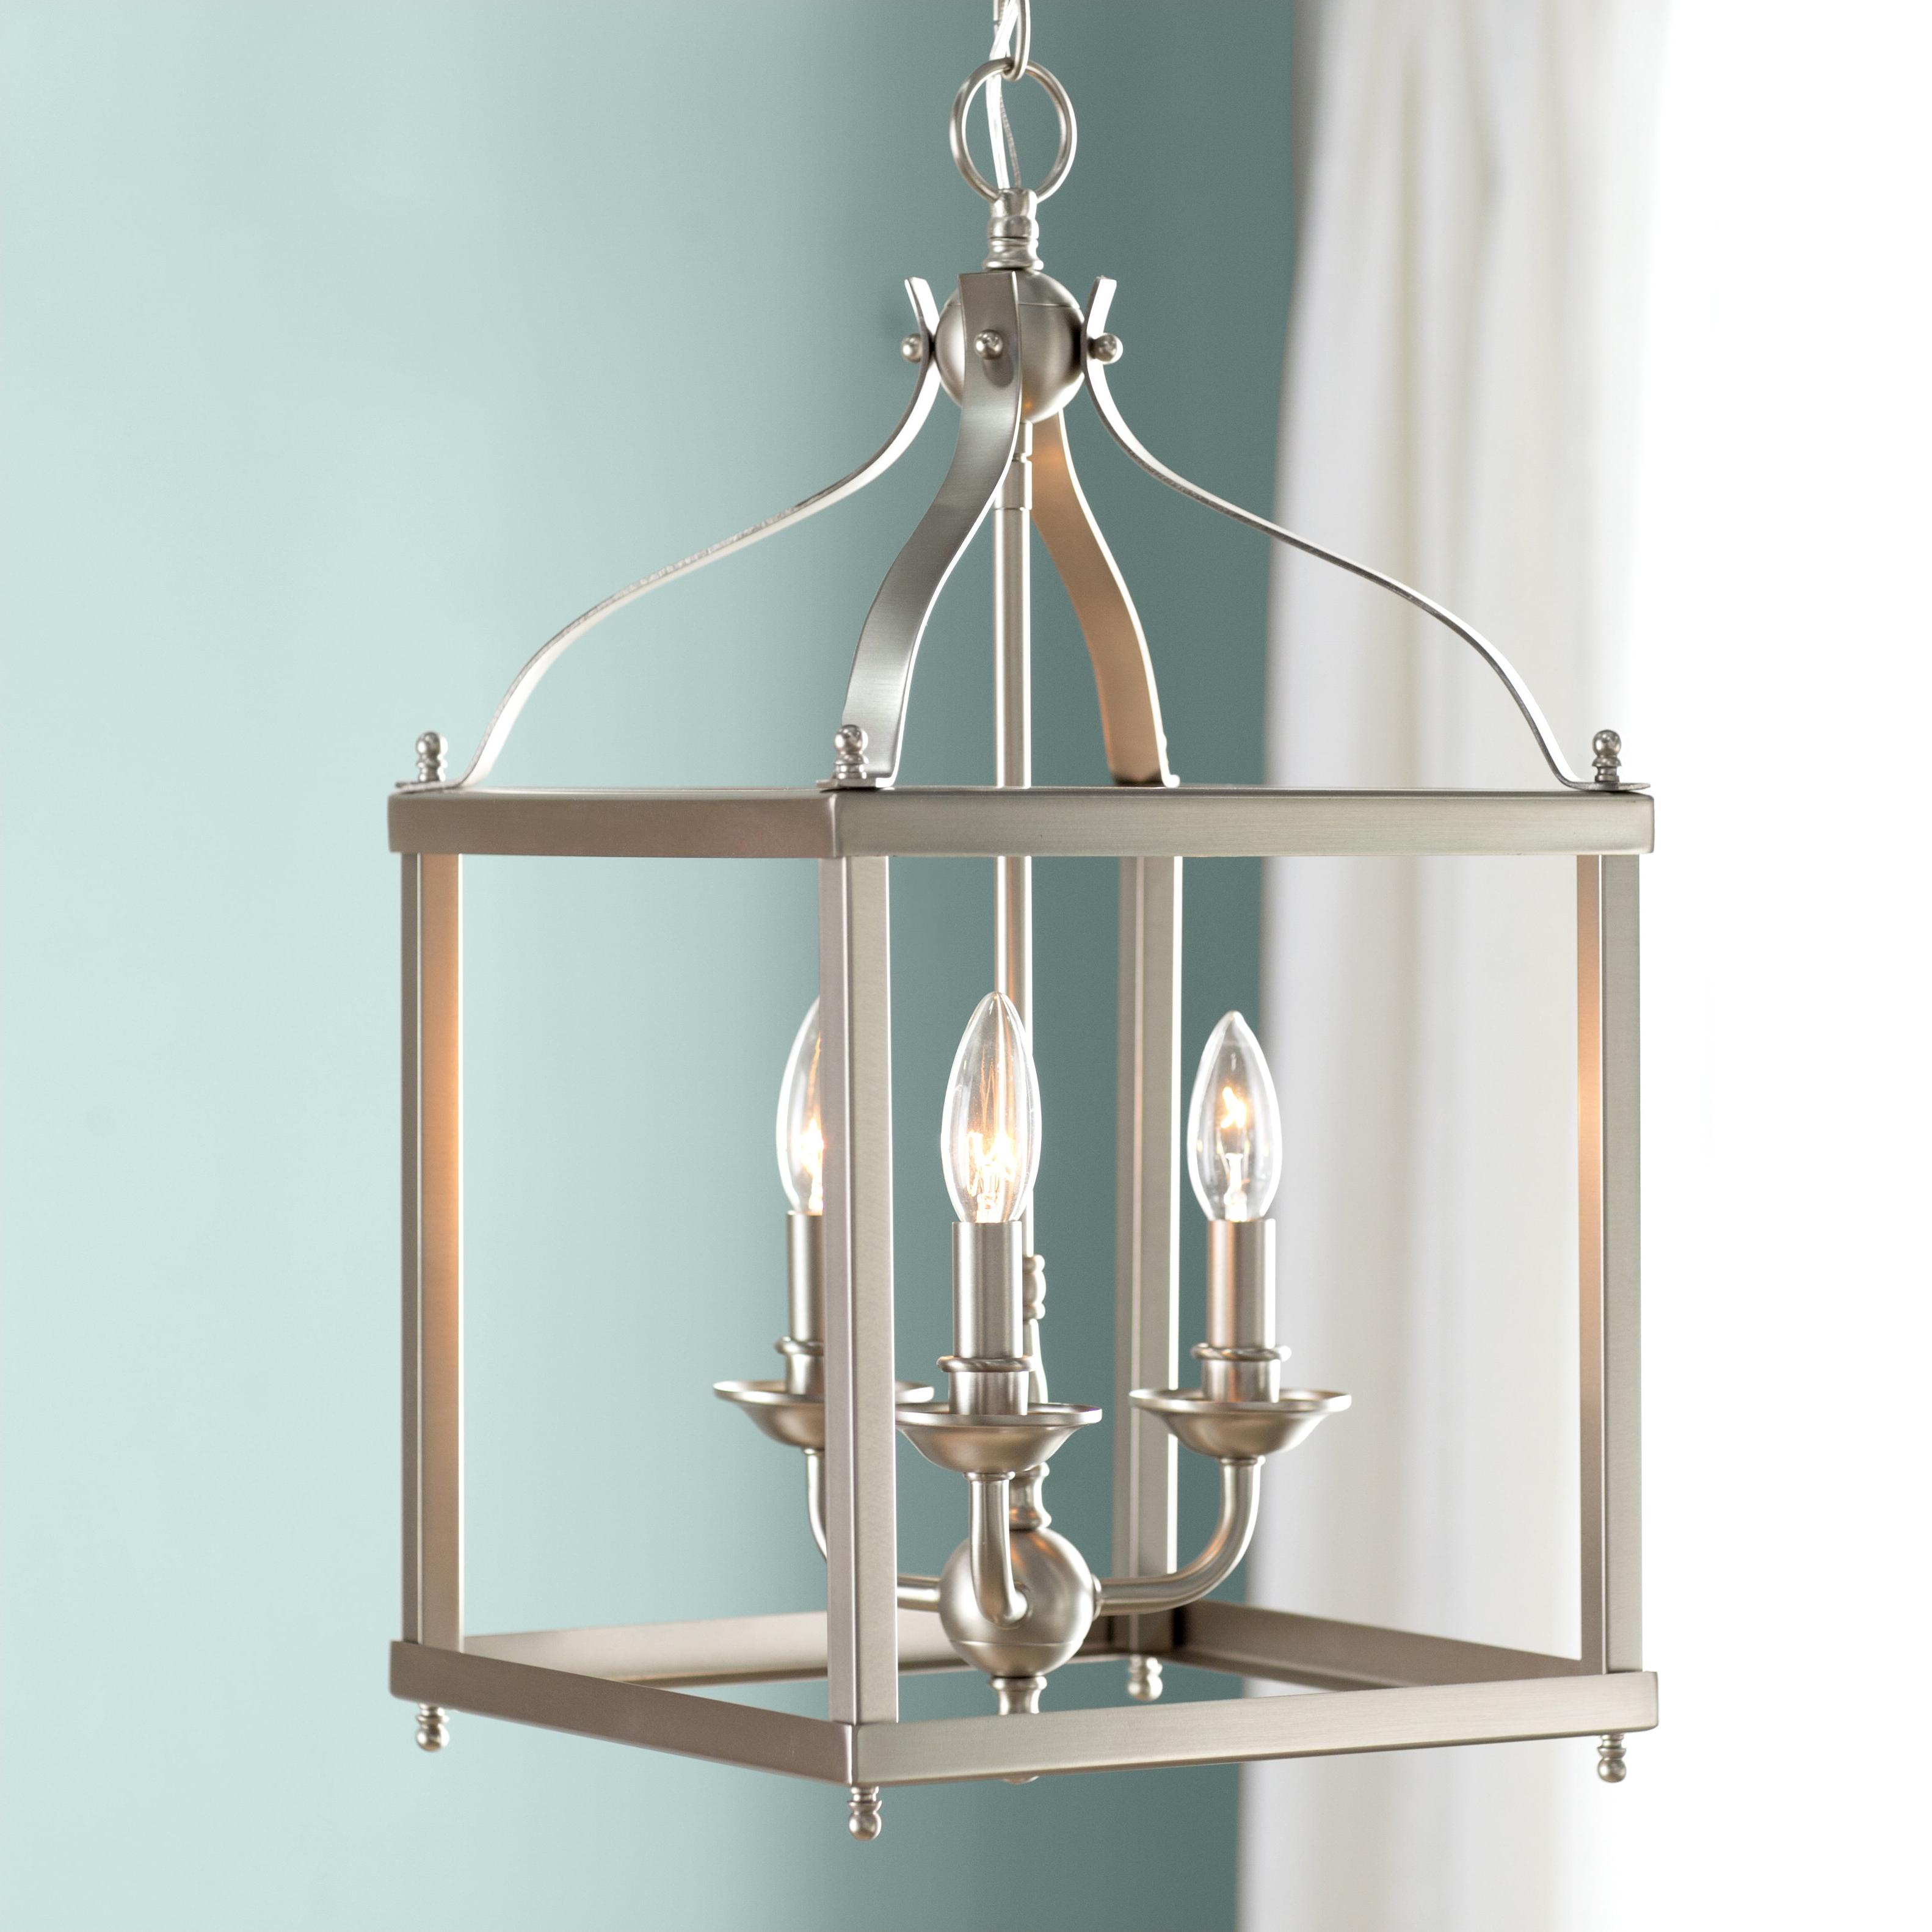 Armande 3 Light Lantern Geometric Pendants Intended For Preferred Brumley 3 Light Foyer Pendant (View 16 of 25)